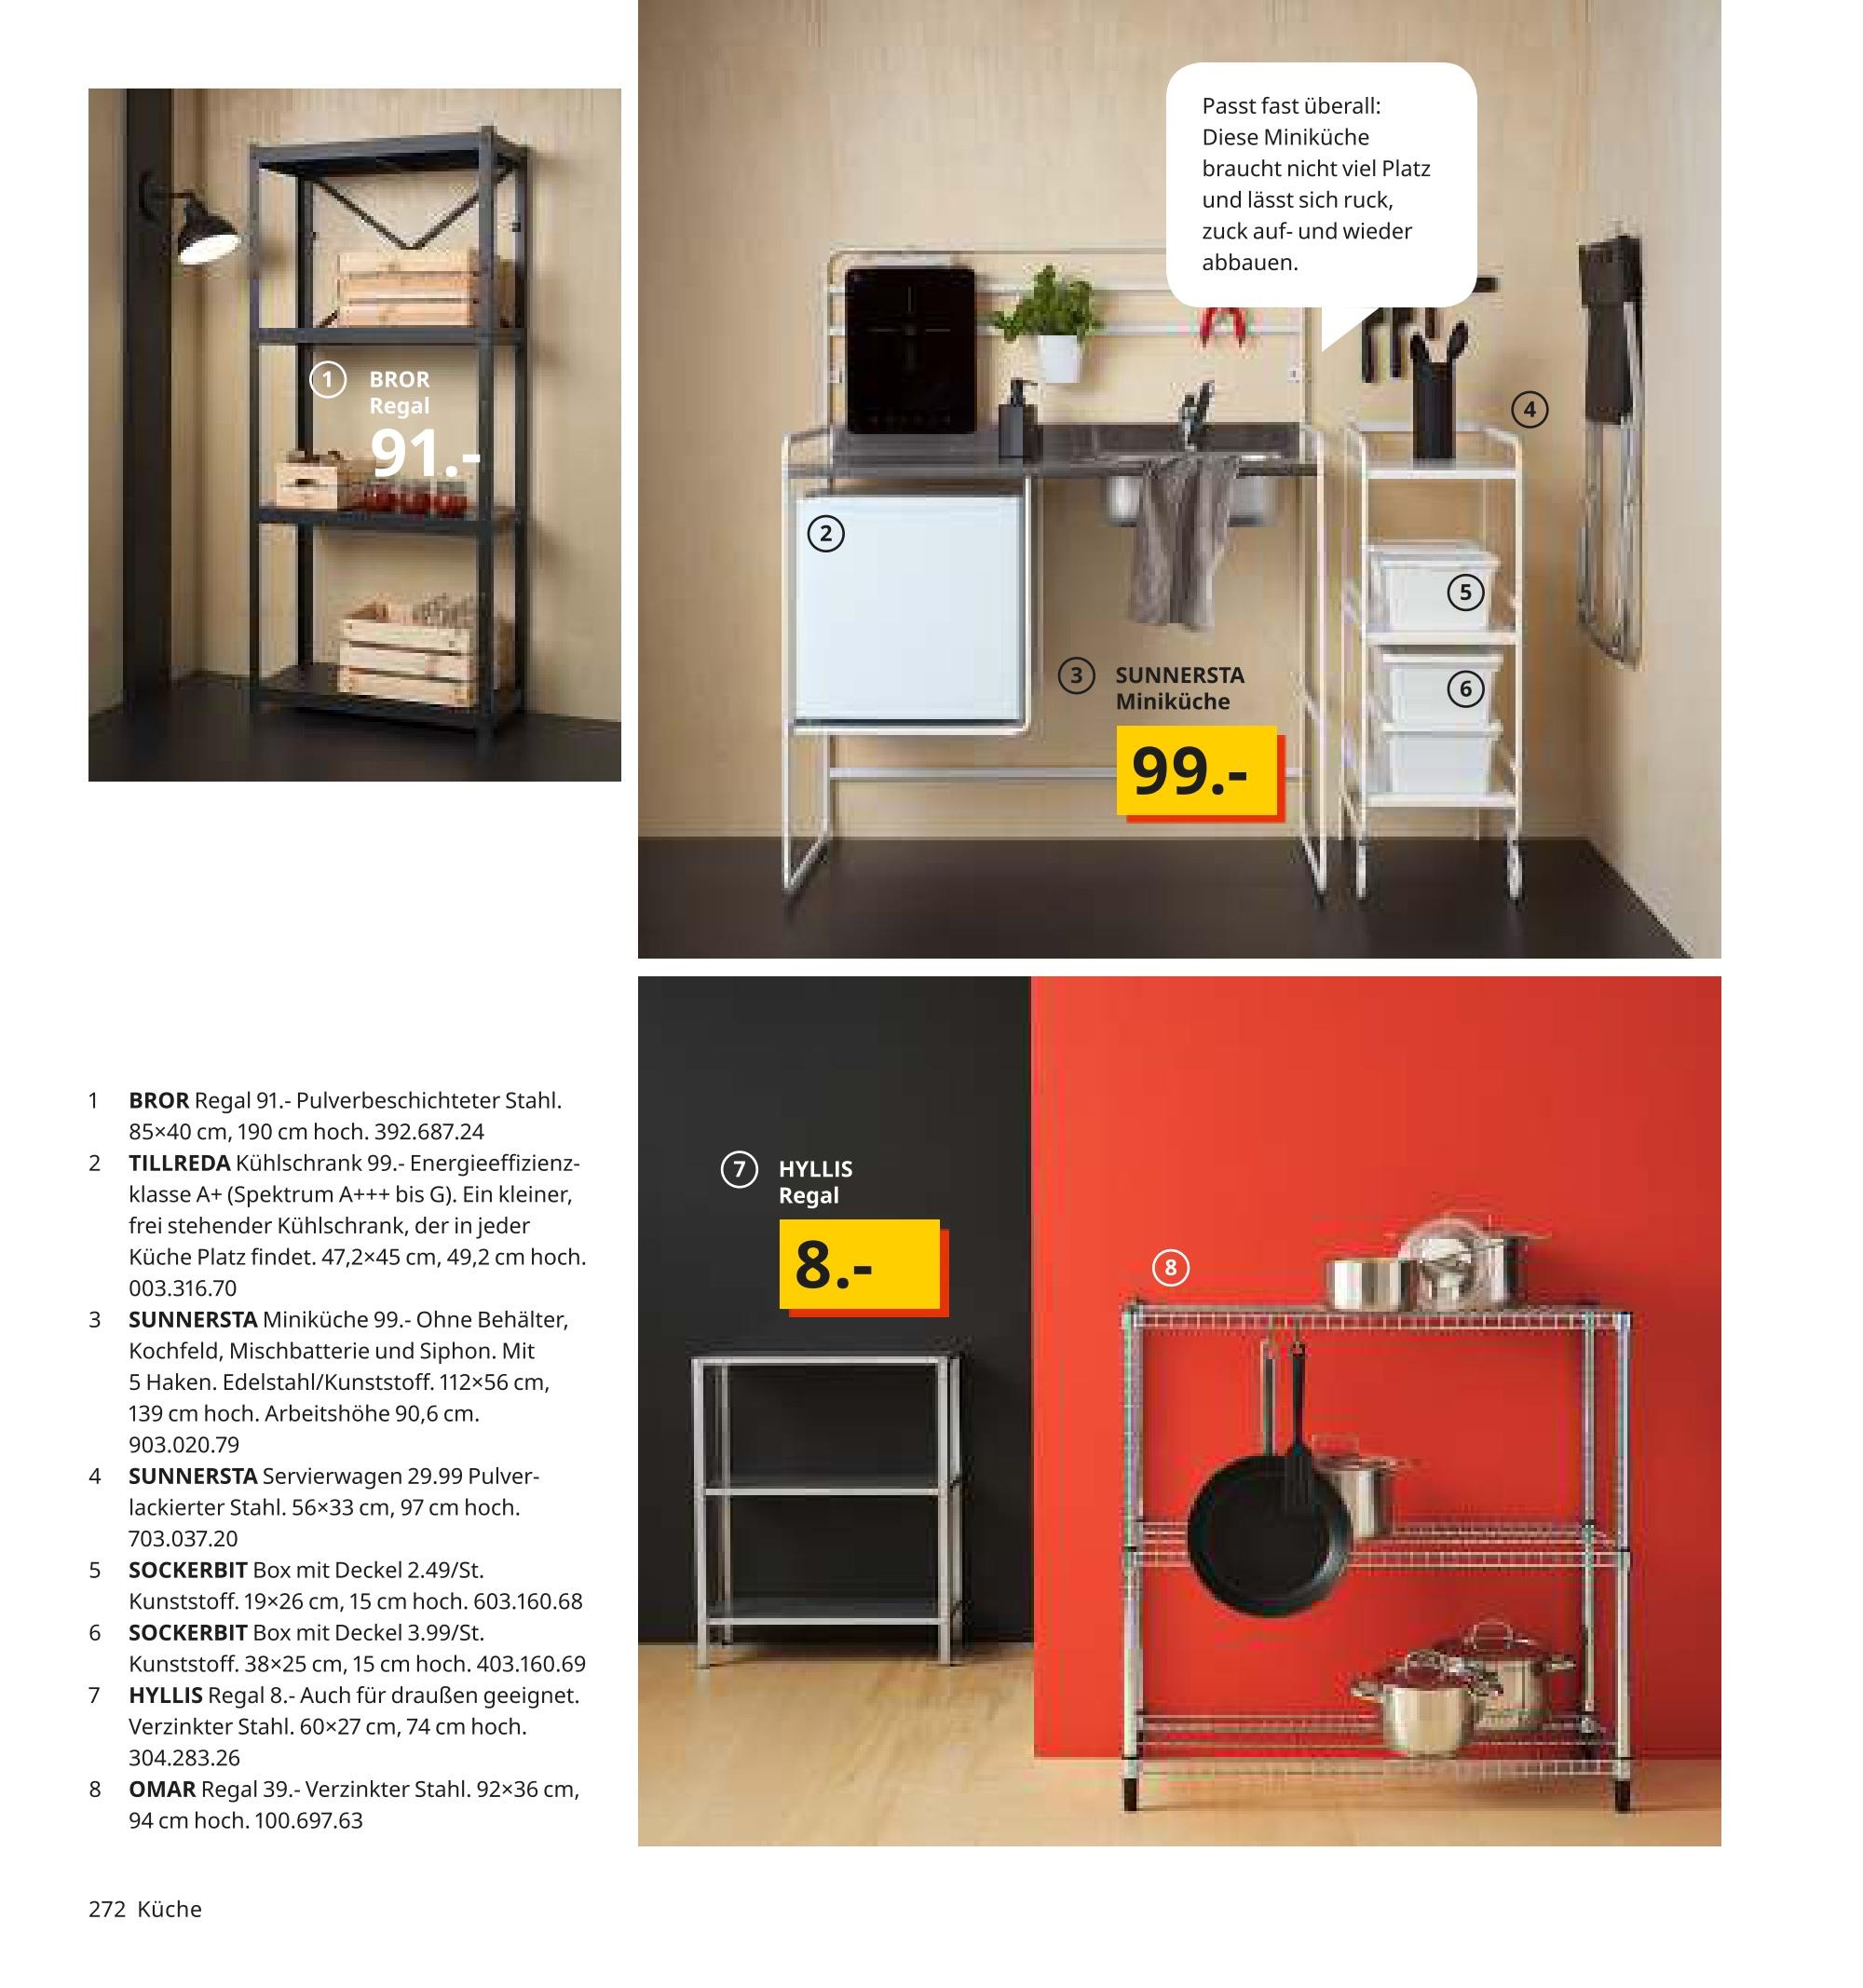 Full Size of Miniküche Roller Sunnersta Minikche Im Angebot Bei Ikea Kupinode Stengel Regale Mit Kühlschrank Wohnzimmer Miniküche Roller